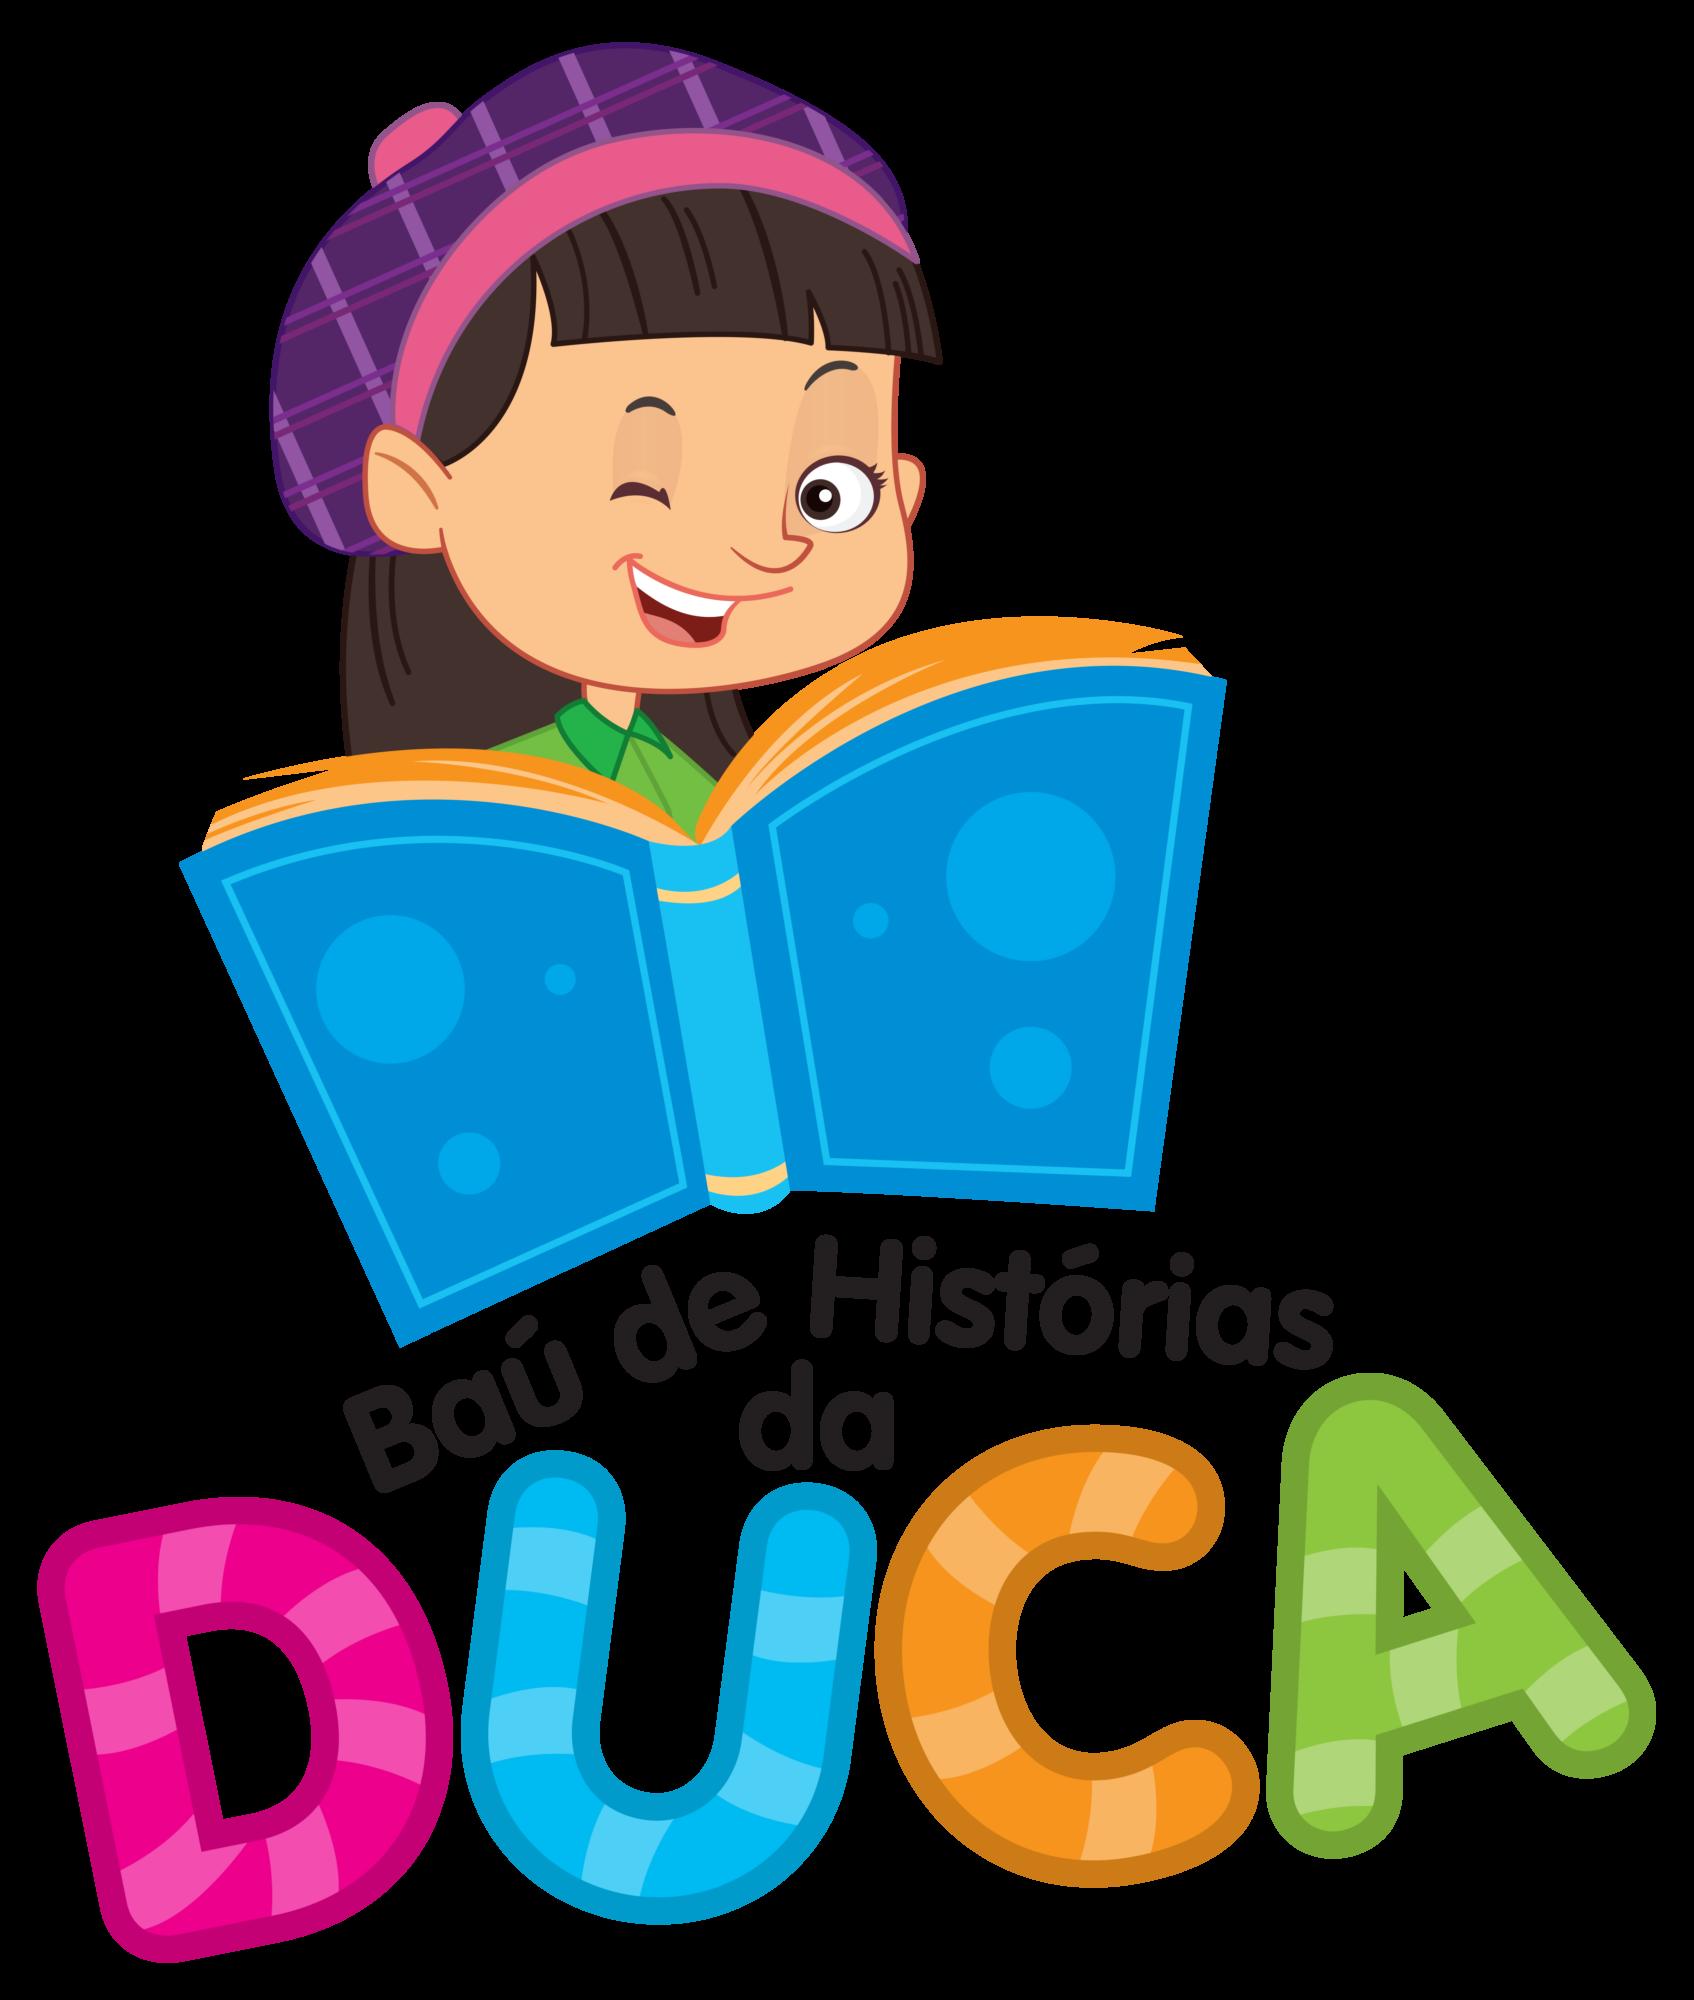 Logo_Bau_Historias_Duca_VERSAO1